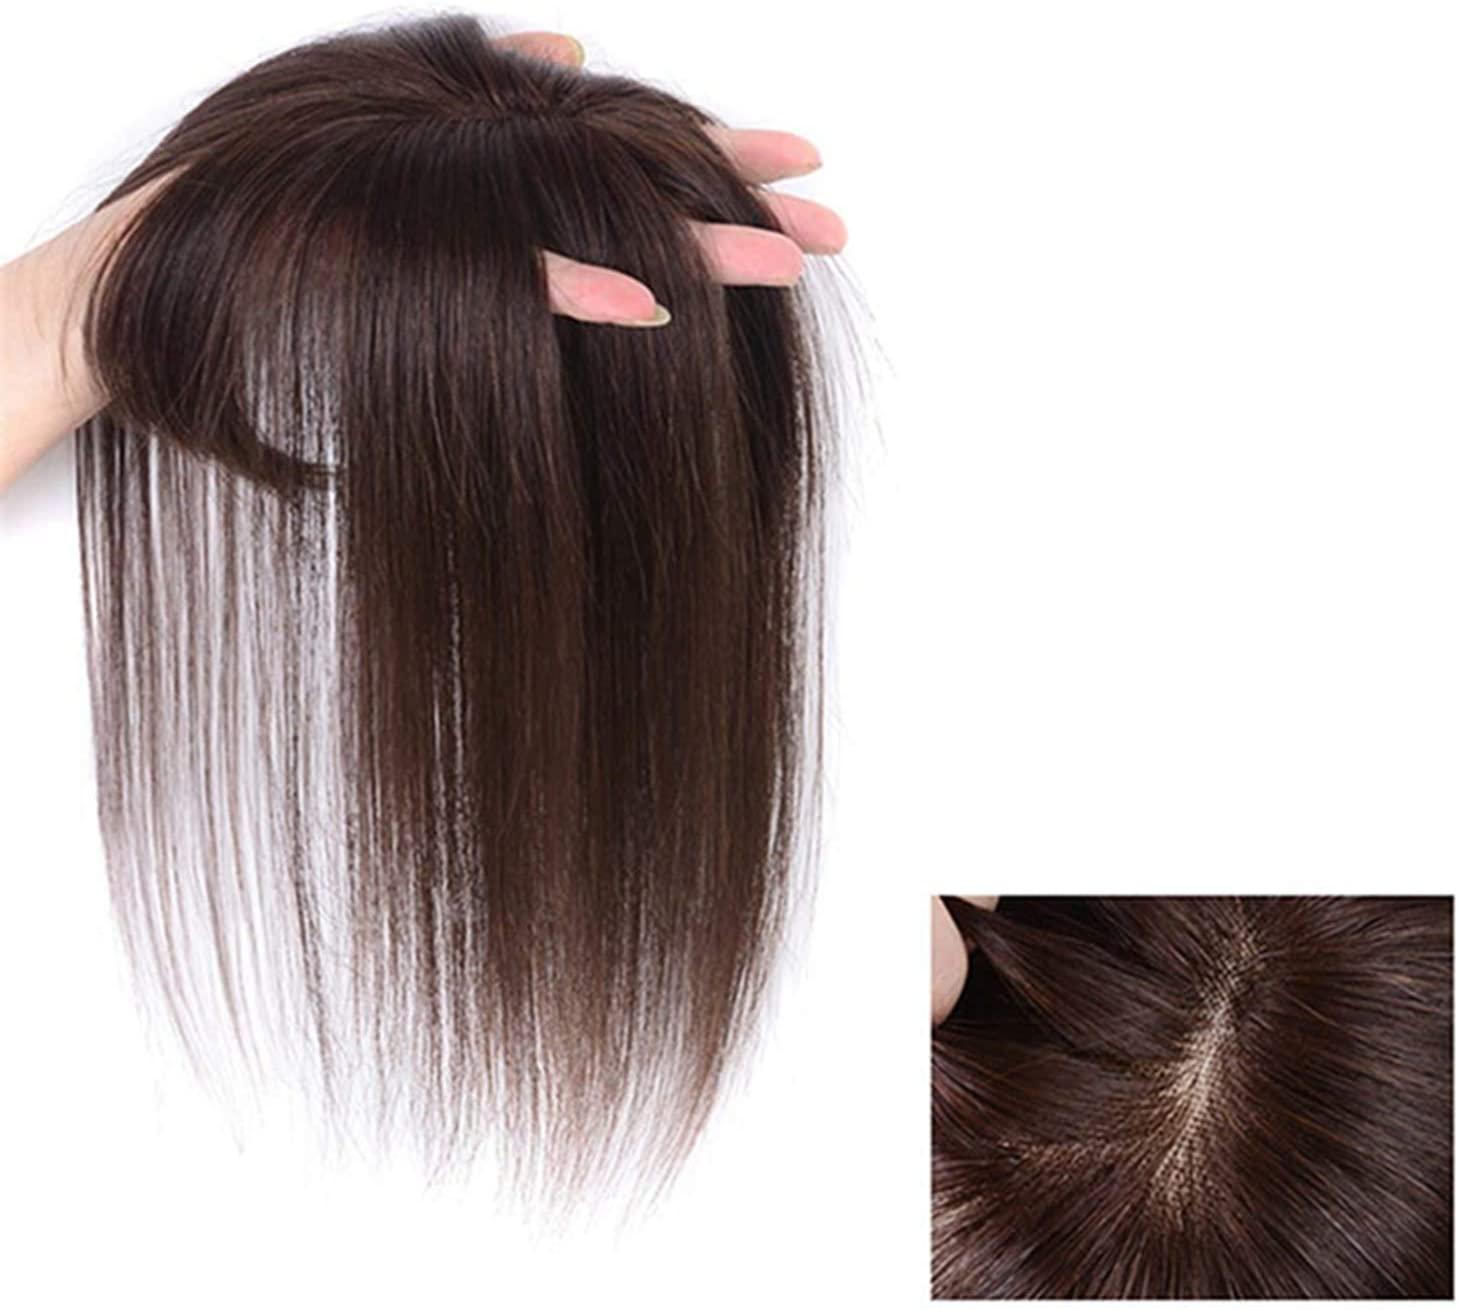 인간의 머리 클립에 앞머리 자연적인 통기성이 보이지 않는 완벽 한 가발 똑바로 머리를 잘라 클립에서 실시 REMY 사람의 모발 연장 얇은 공기 BANG 프린지(어두운 갈색 35CM)